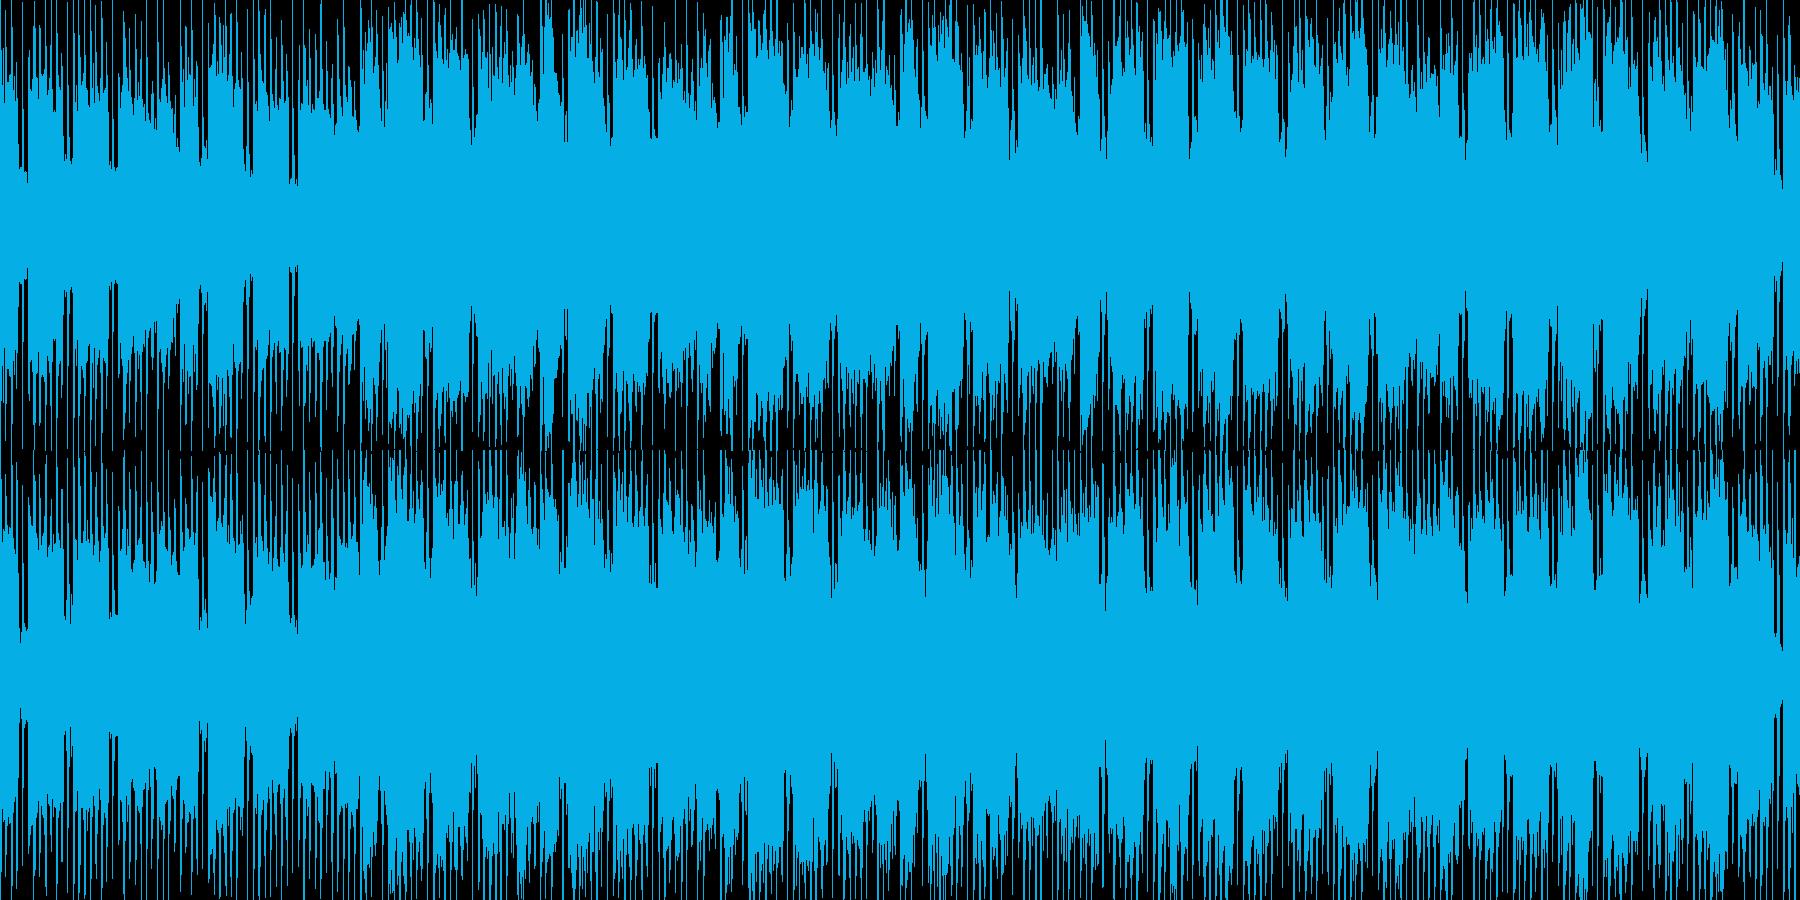 ゆる〜く・まったり・癖になるループ素材の再生済みの波形